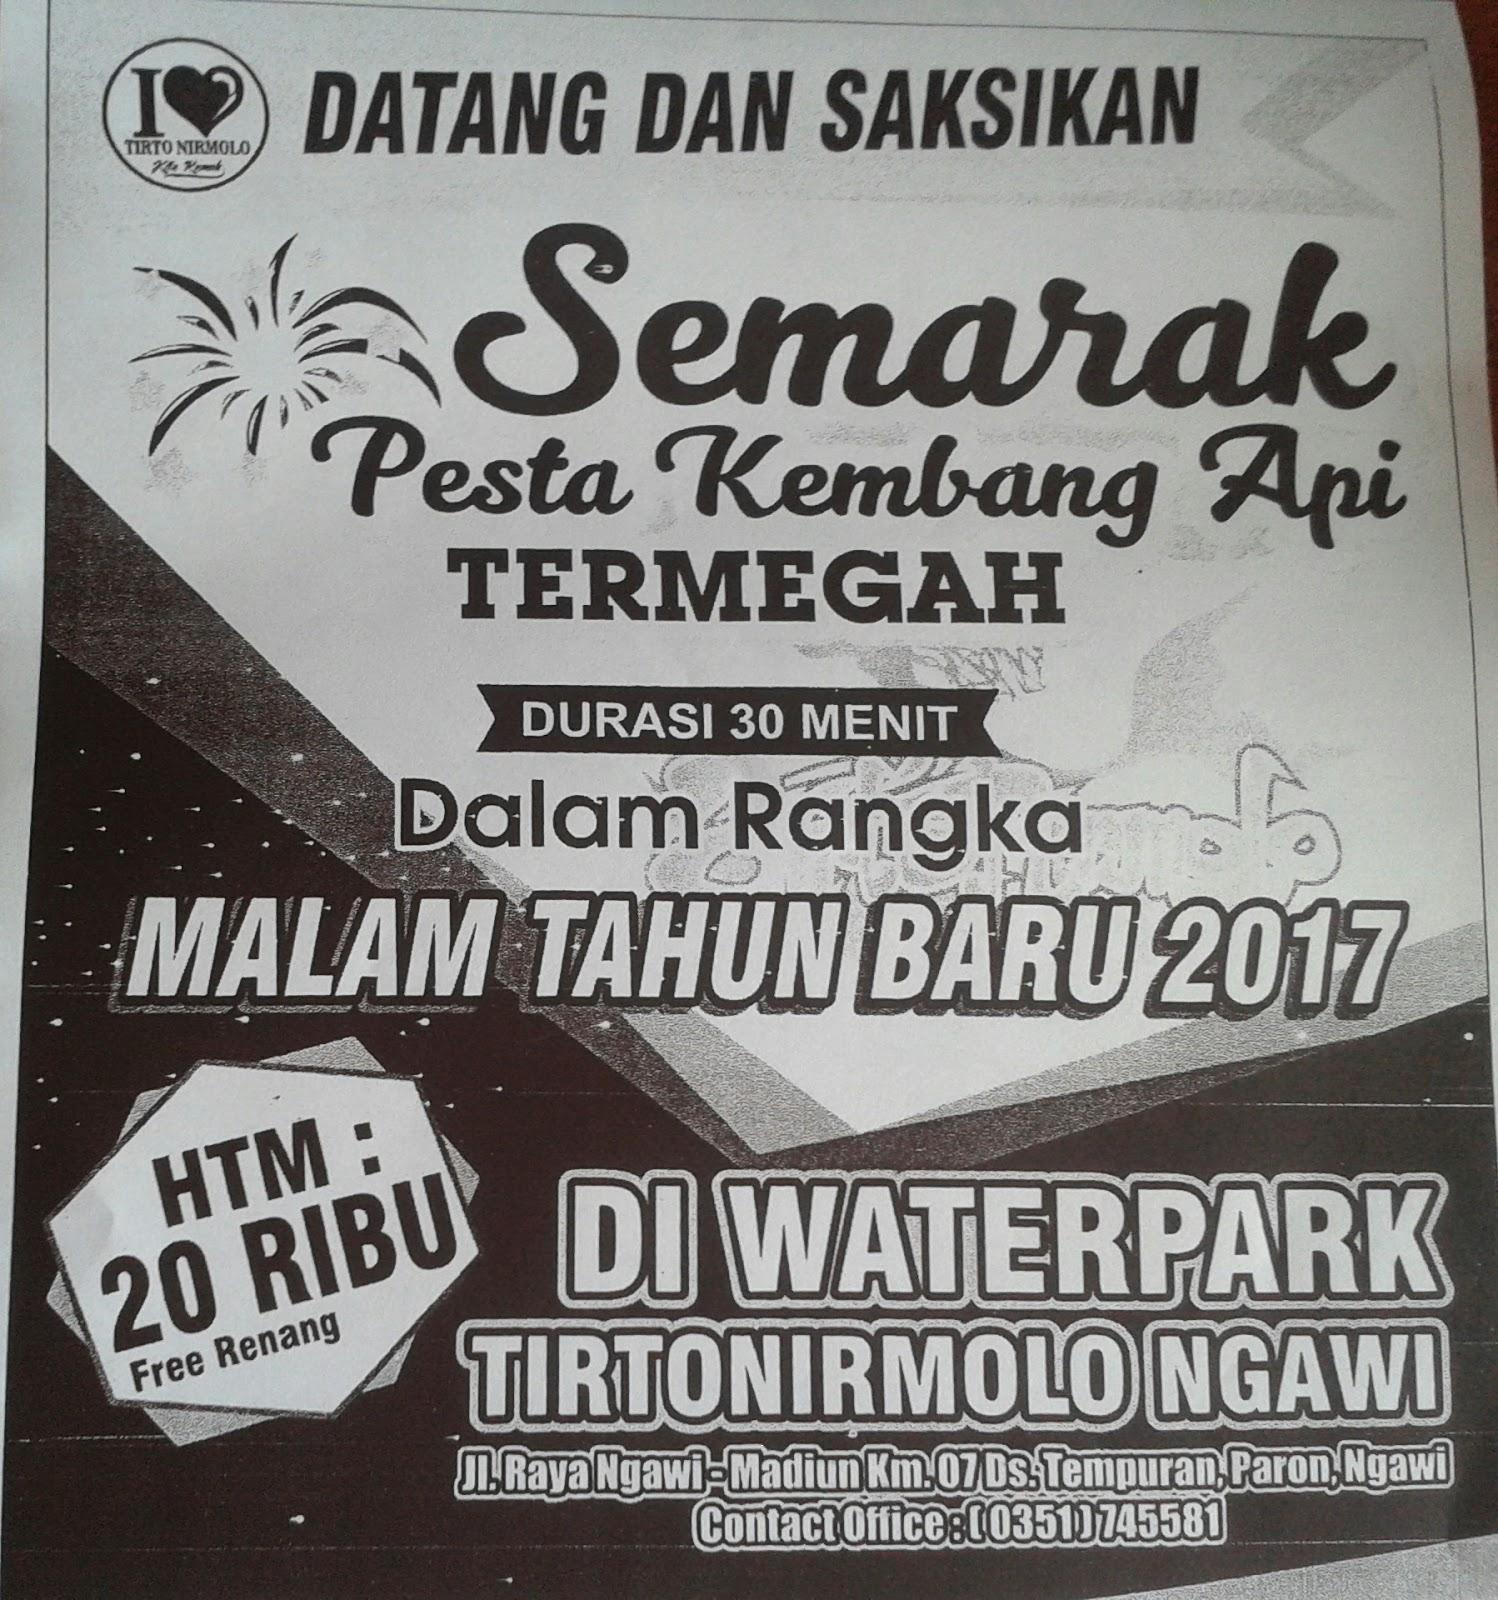 Taman Wisata Tirto Nirmolo Ngawi Desember 2016 Tirtonirmolo Semarak Pesta